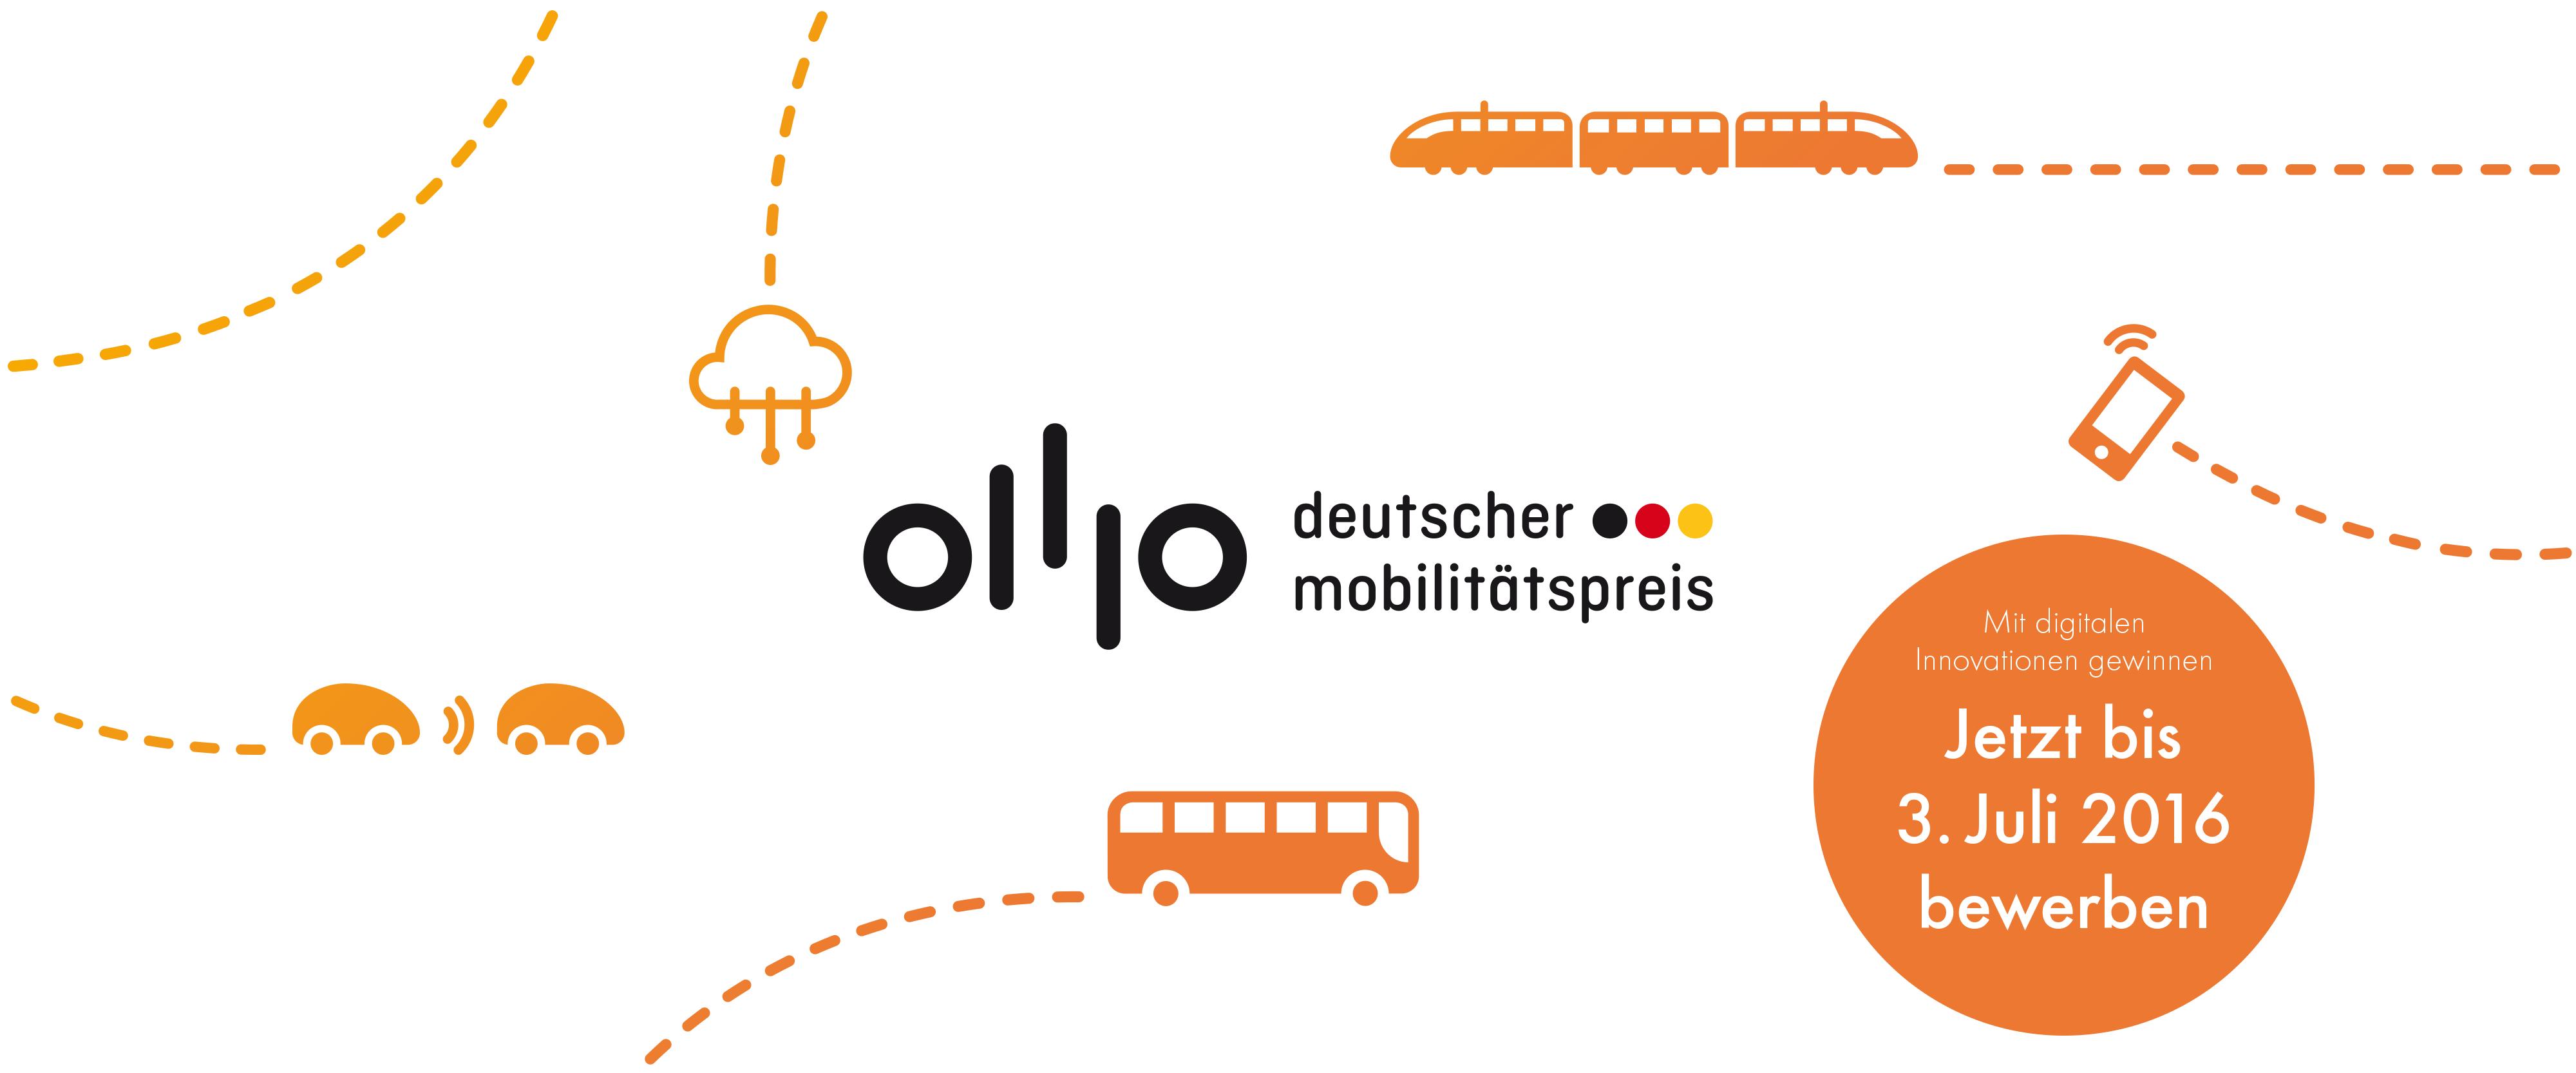 """Die Initiative """"Deutschland – Land der Ideen"""" und das Bundesministerium für Verkehr und digitale Infrastruktur suchen die besten digitalen Innovationen für intelligente Mobilität."""